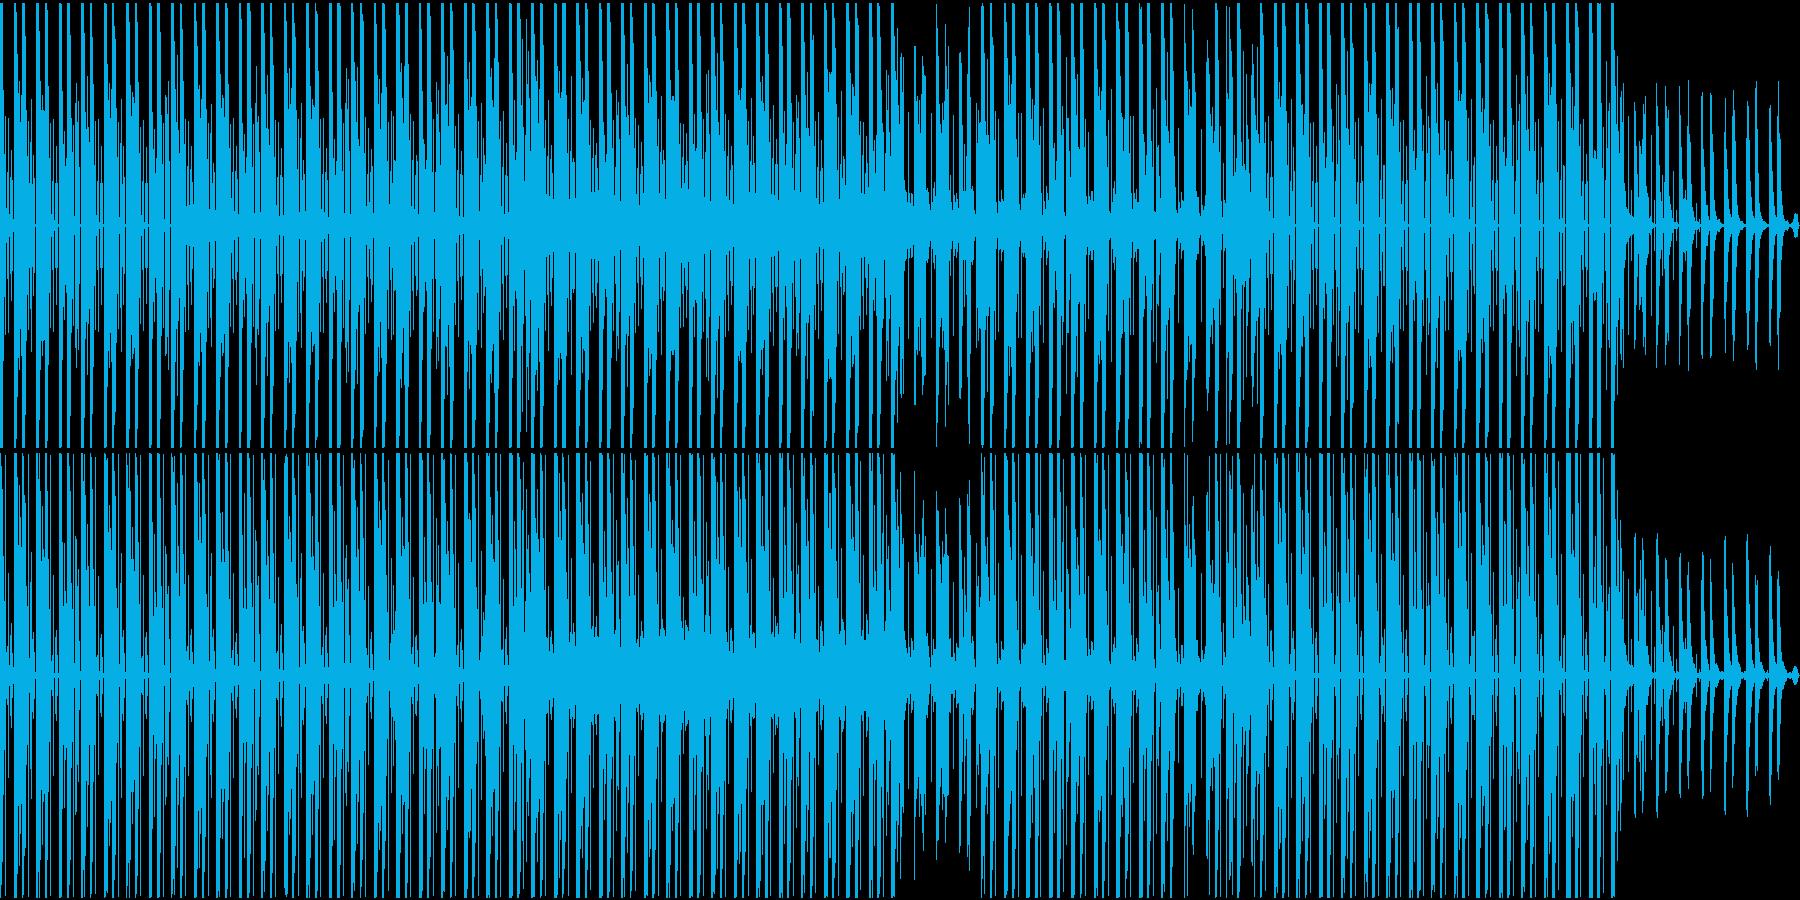 [ループ対応]クールで軽快なシンセポップの再生済みの波形